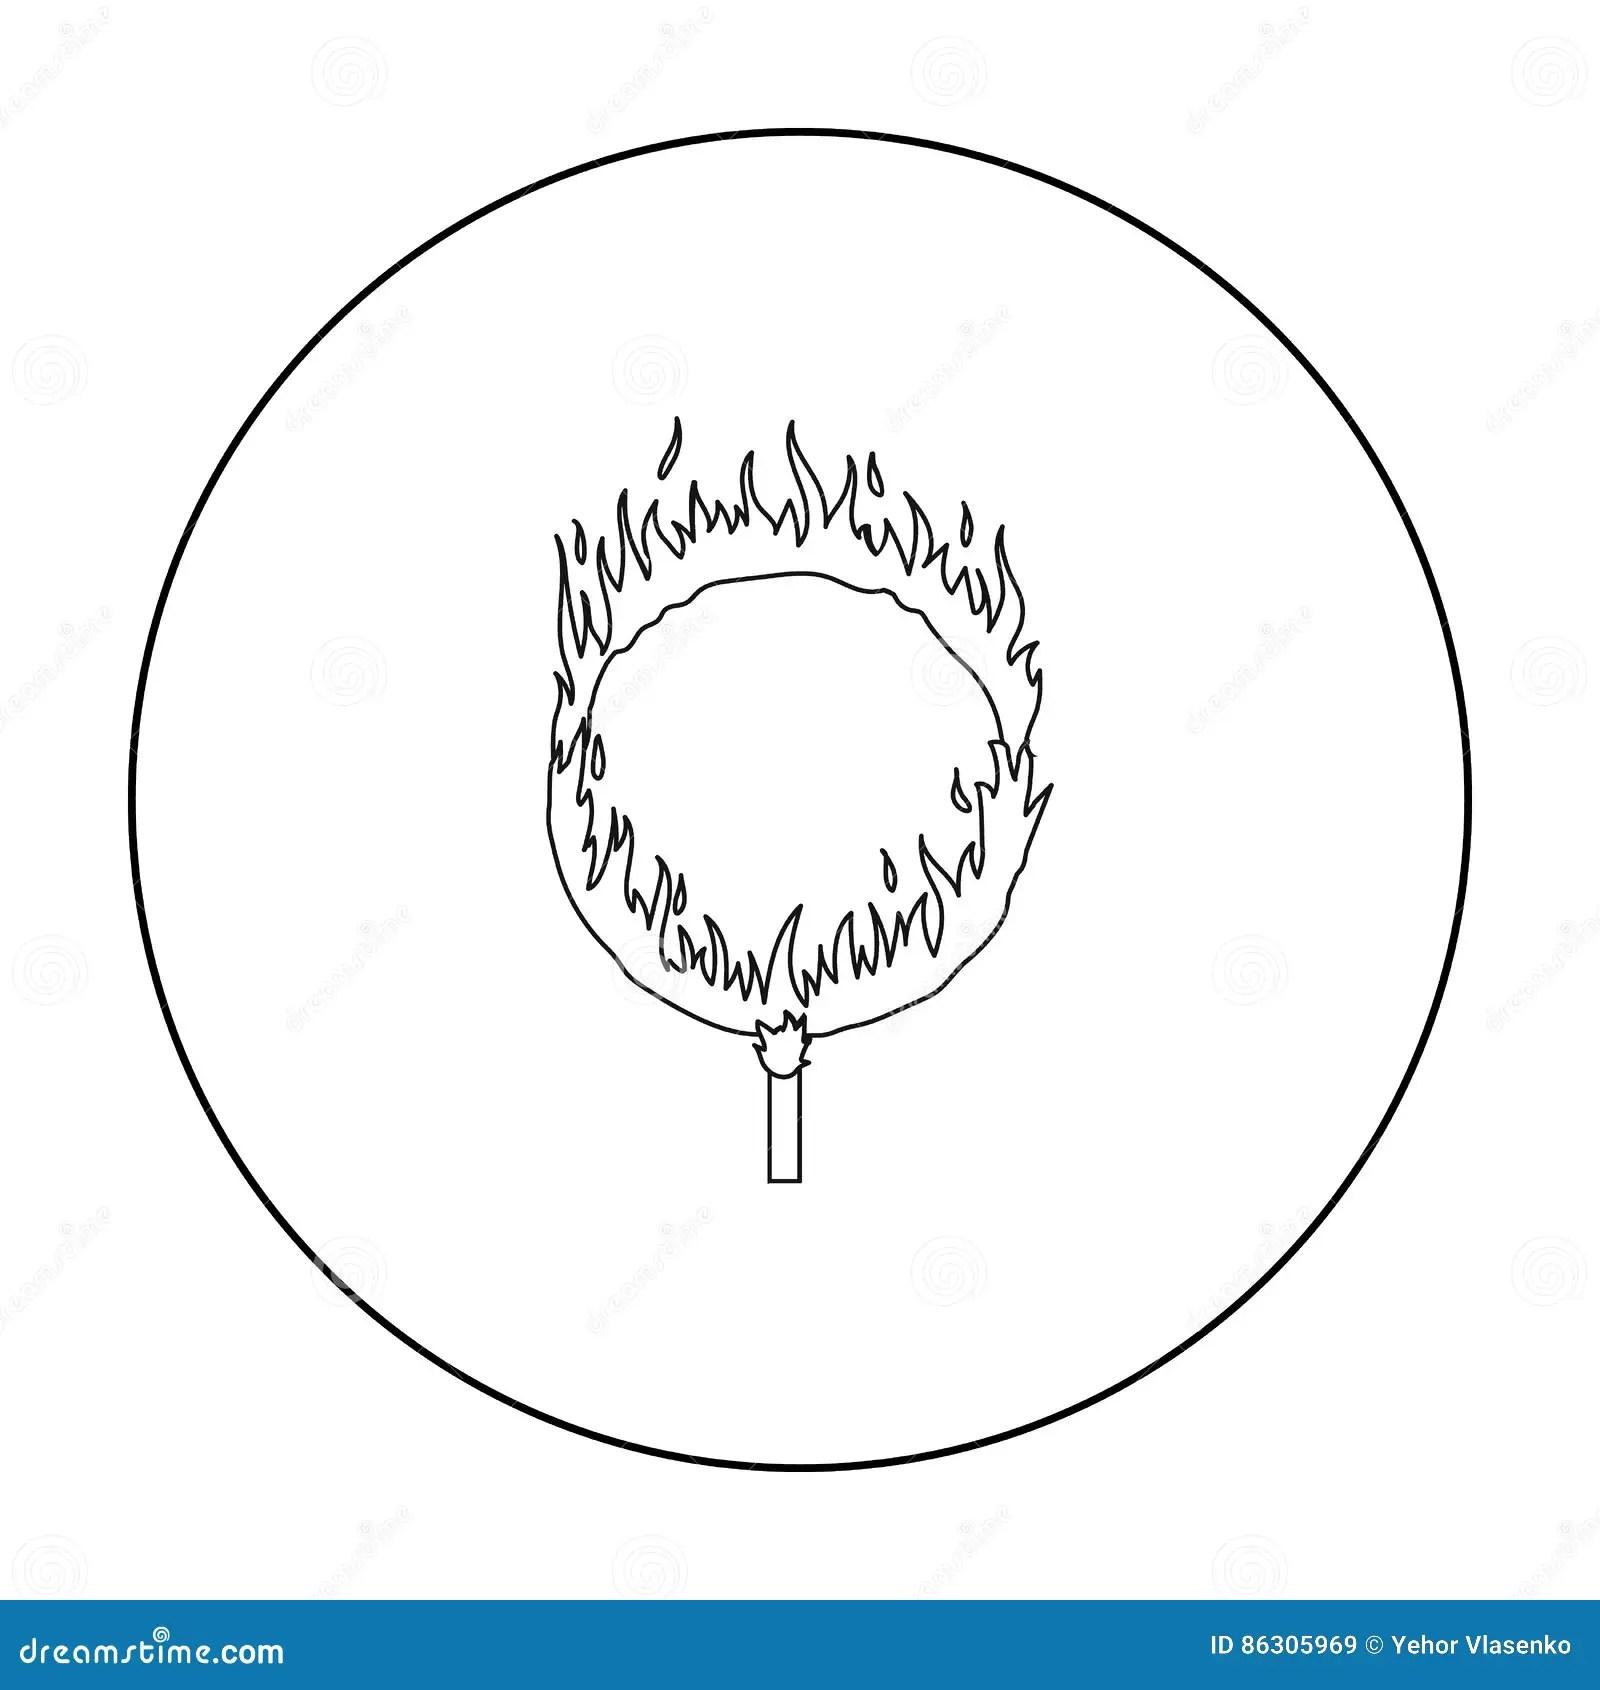 Coil Symbol